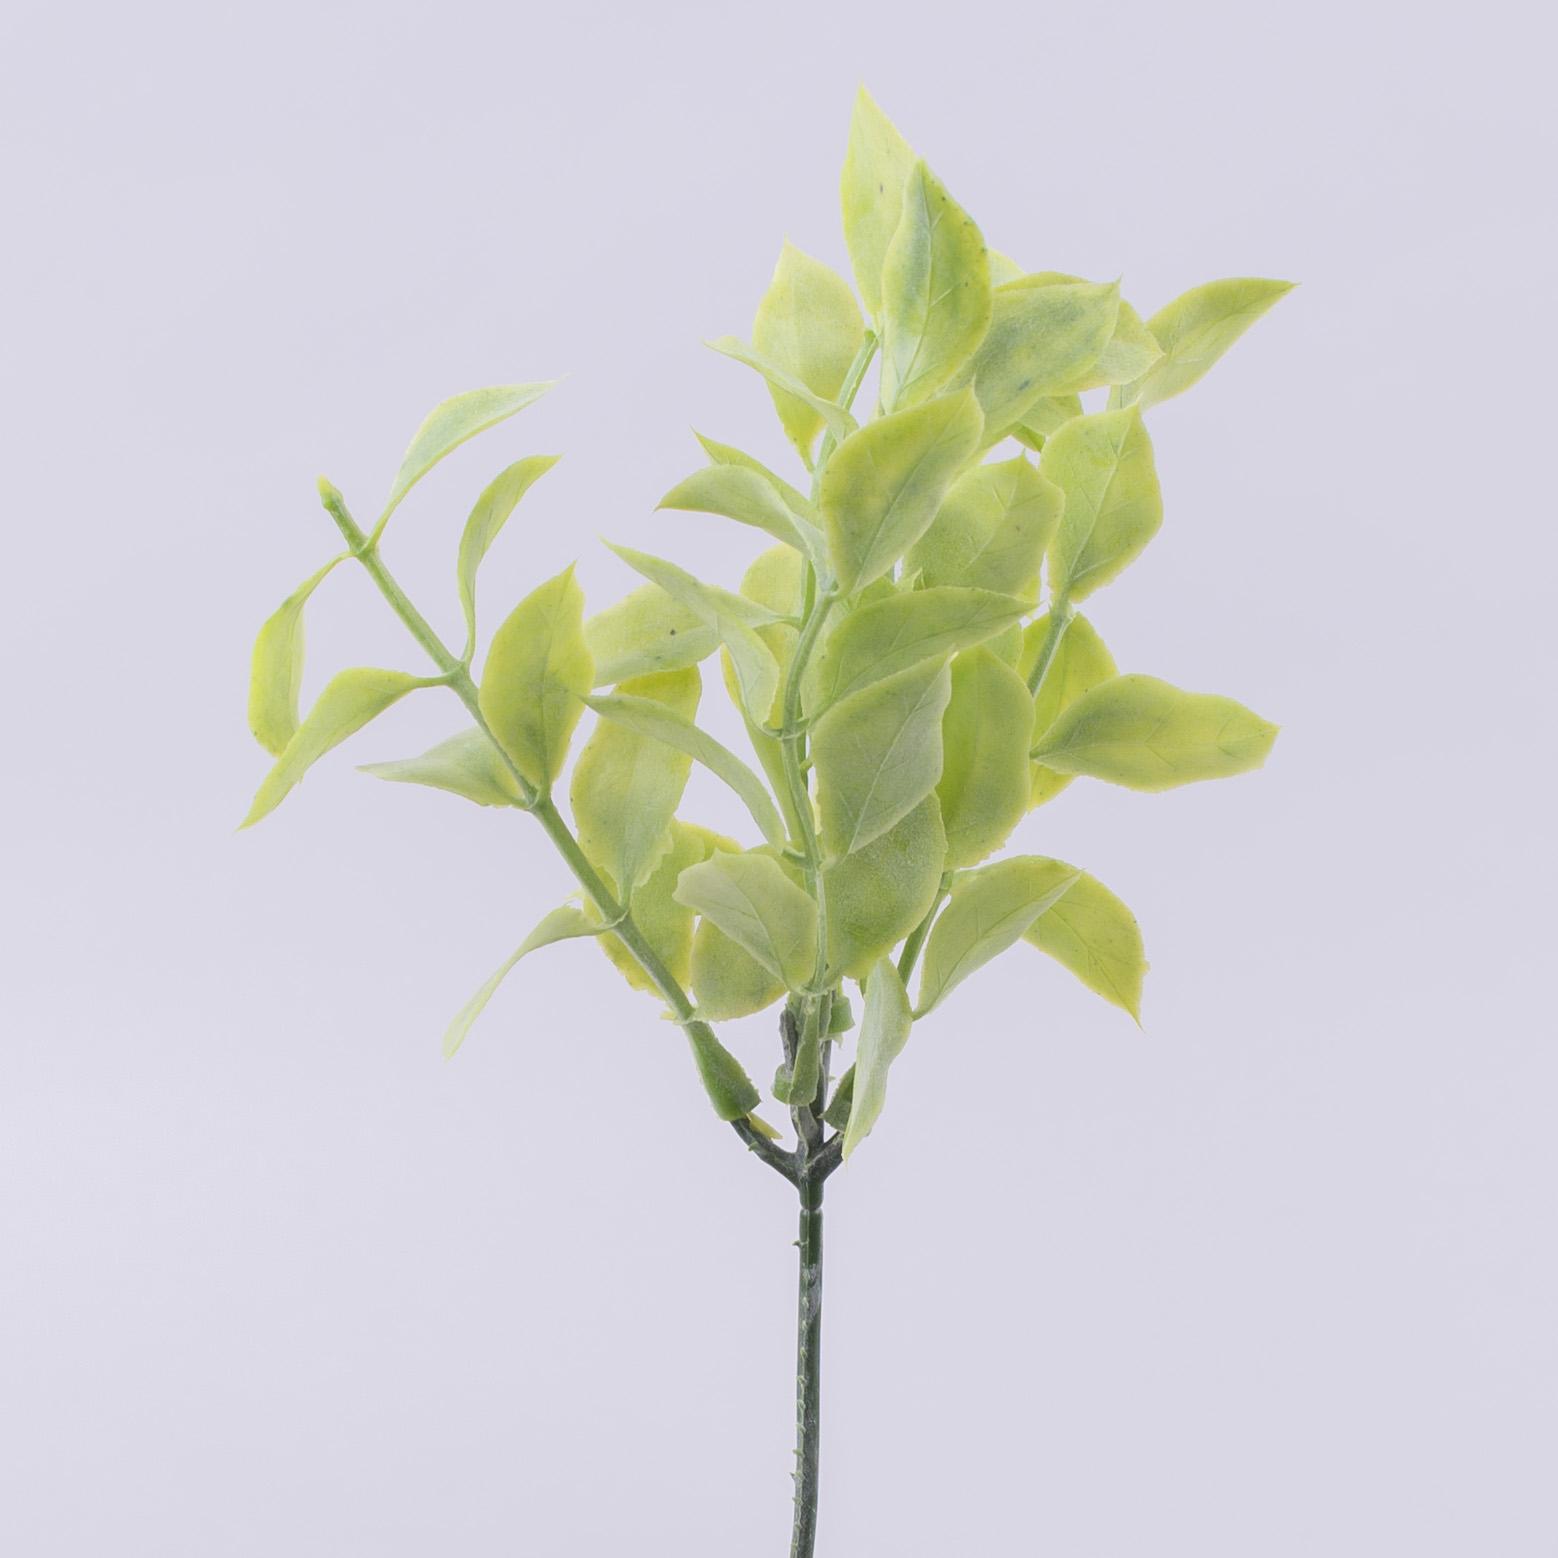 Травка дополнитель оливы (салатовая)